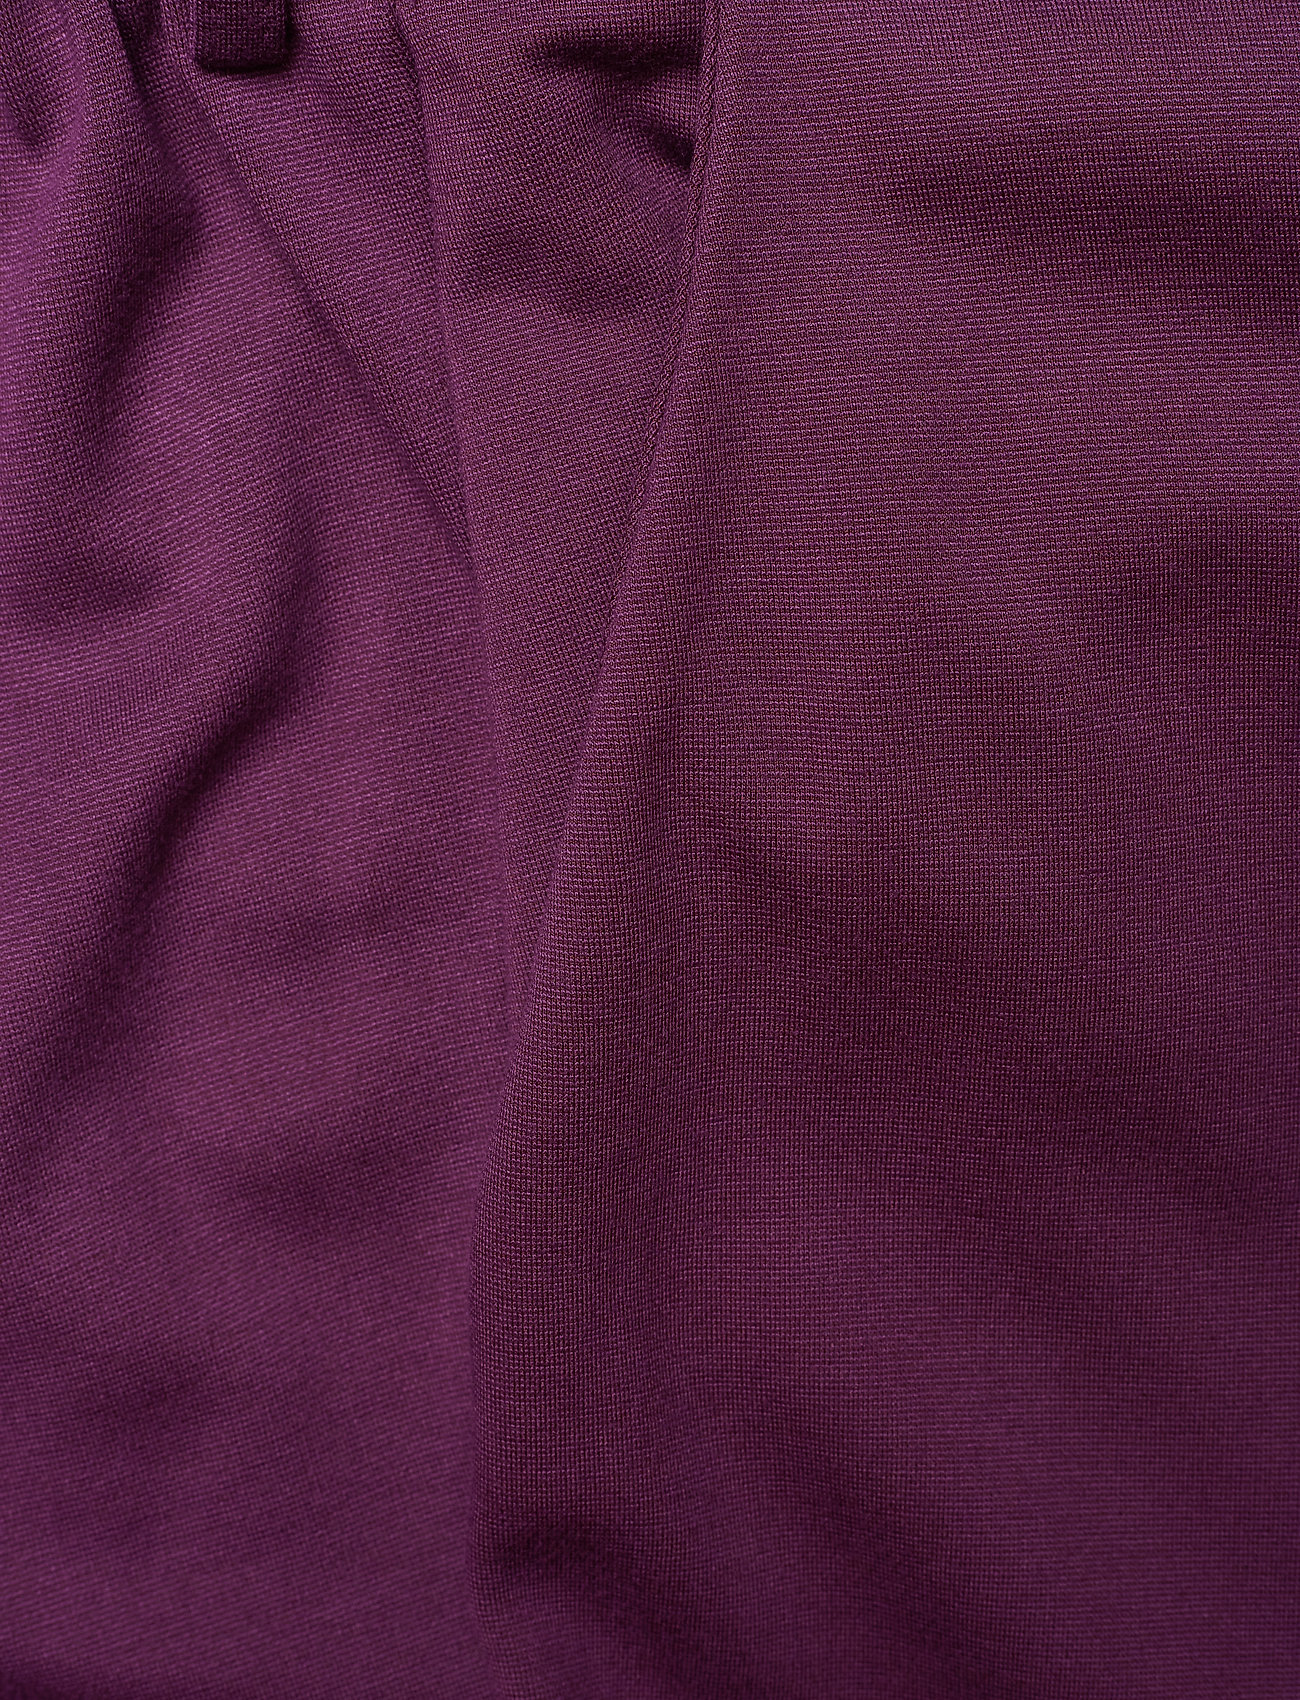 Zizzi  xyana, knee , lace dress | Laaja valikoima alennustuotteita | Naisten vaatteet